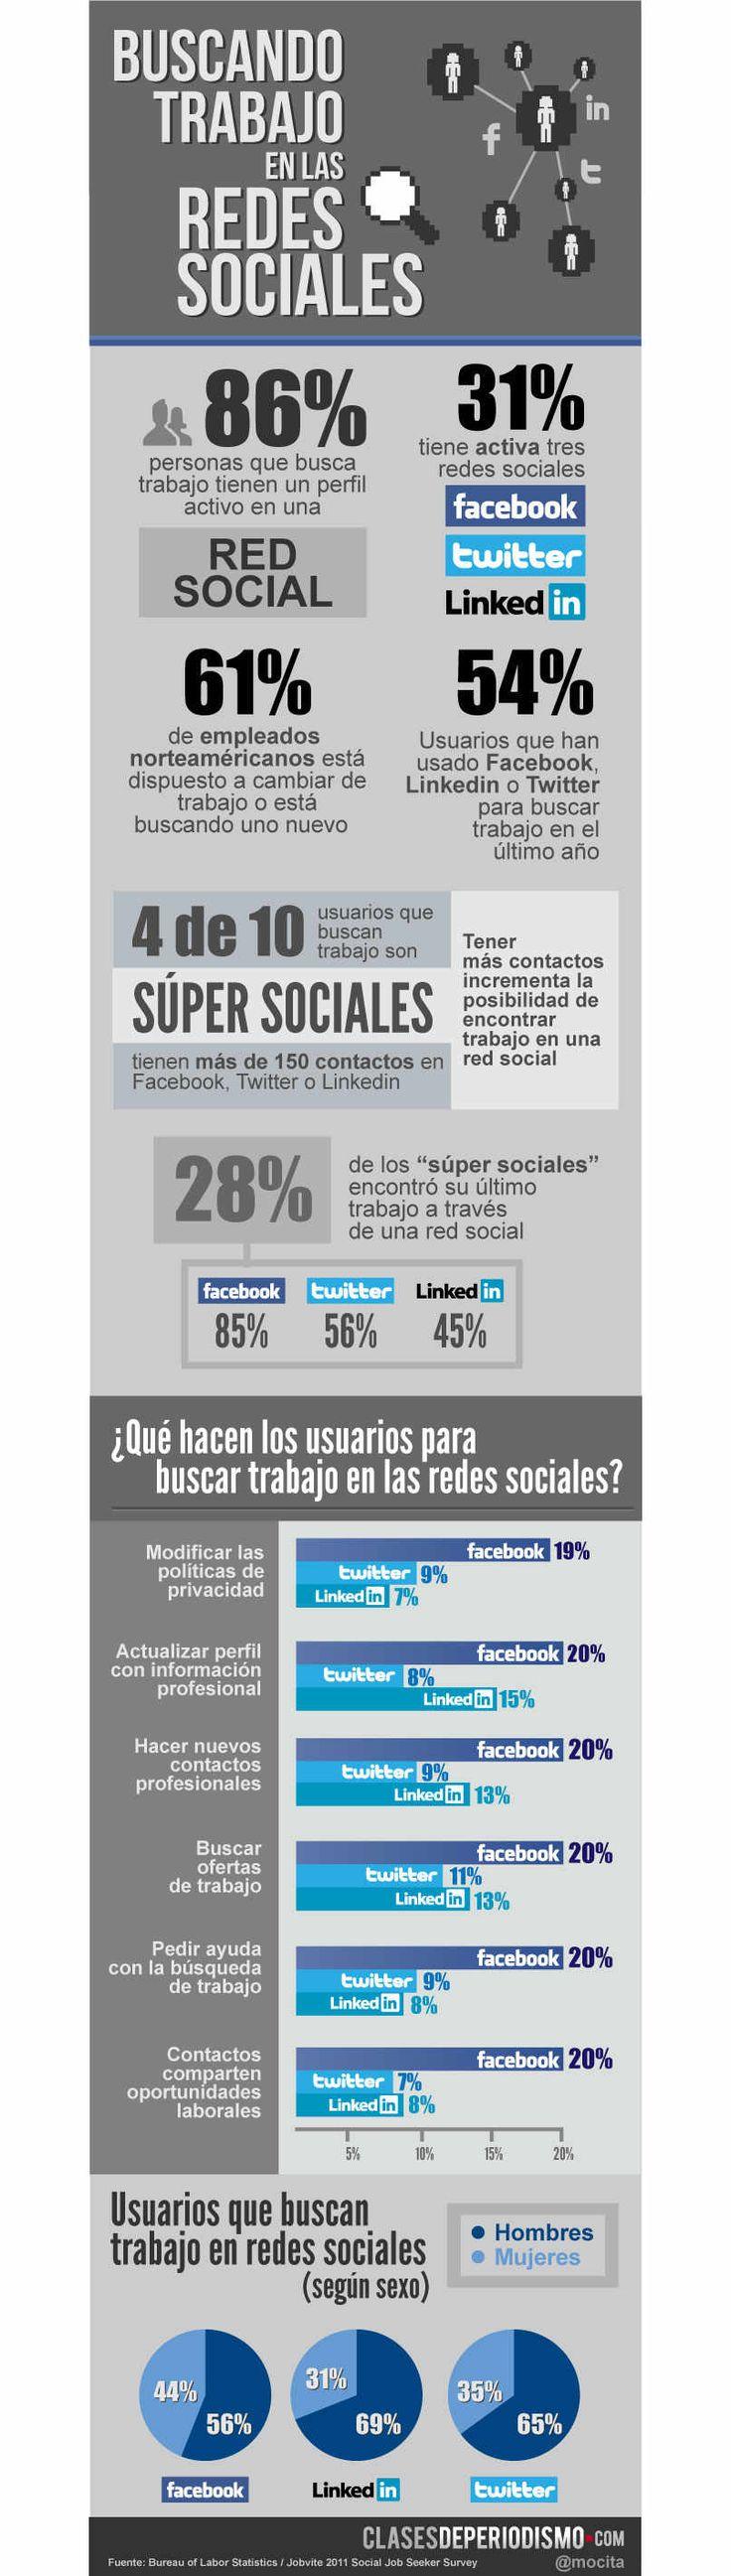 Buscando Trabajo En Las Redes Sociales #infographic #socialmedia #spanish #in - by Bootcamp Media ( #SMM #SocialMediaMarketing #SocialMedia #Infographic )